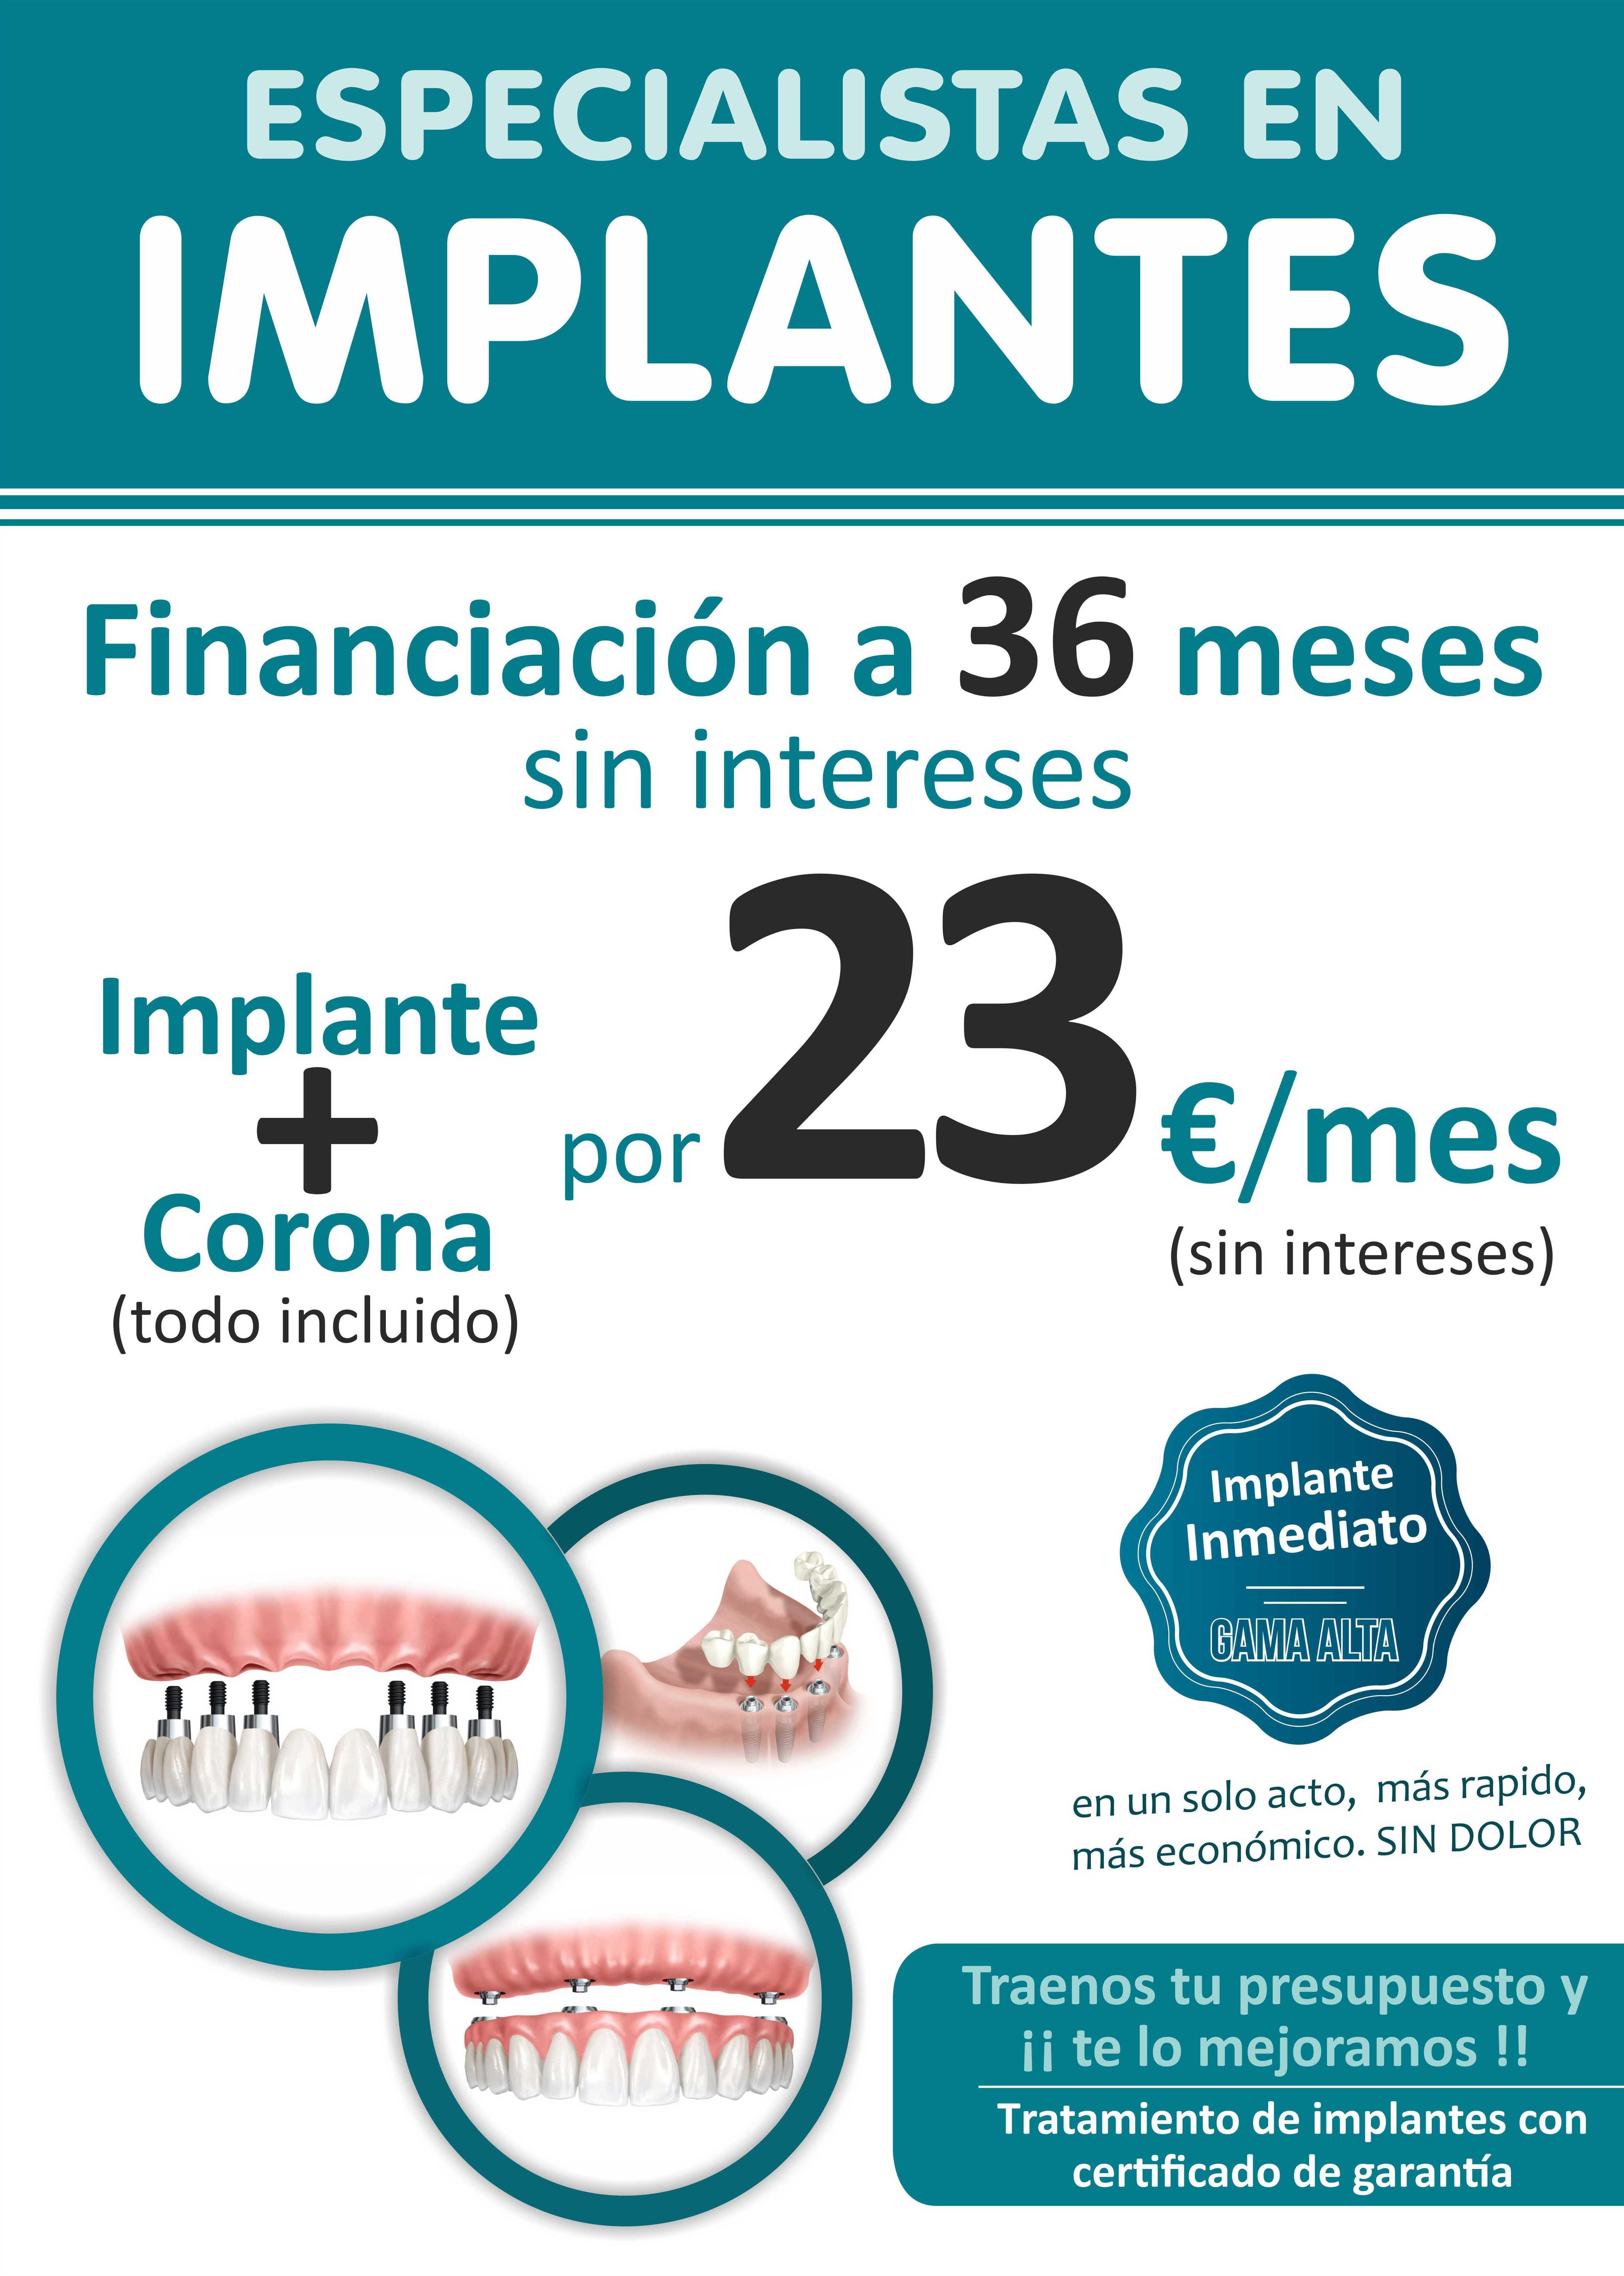 IMPLANTES FINANCIADOS SIN INTERESES